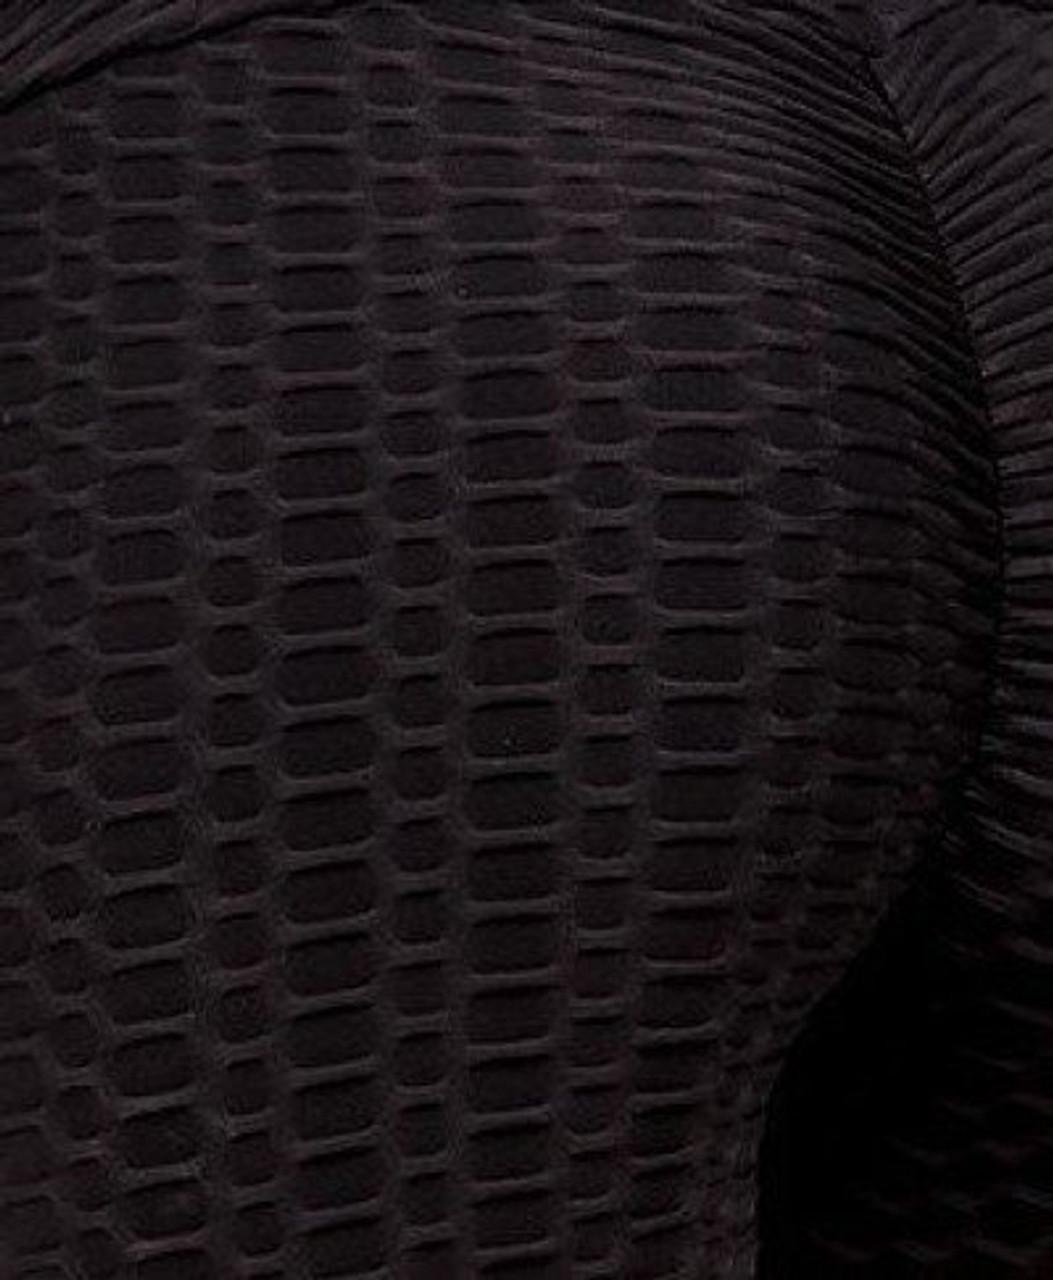 Black 2 Piece Scrunch Butt Biker Shorts and Crisscross Crop Top Set